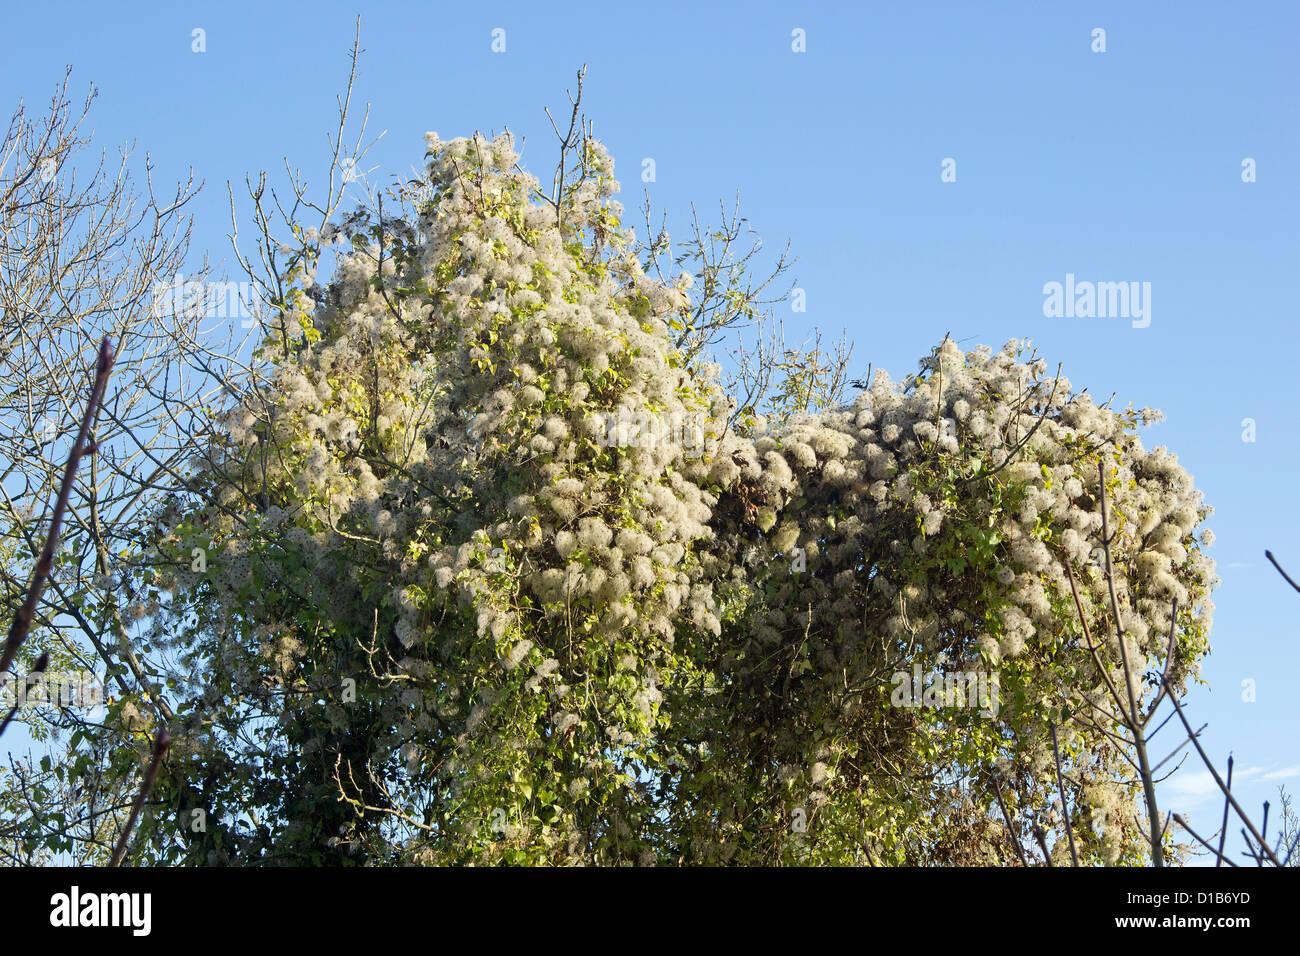 Russian vine  (Fallopia baldschuanica) - Stock Image